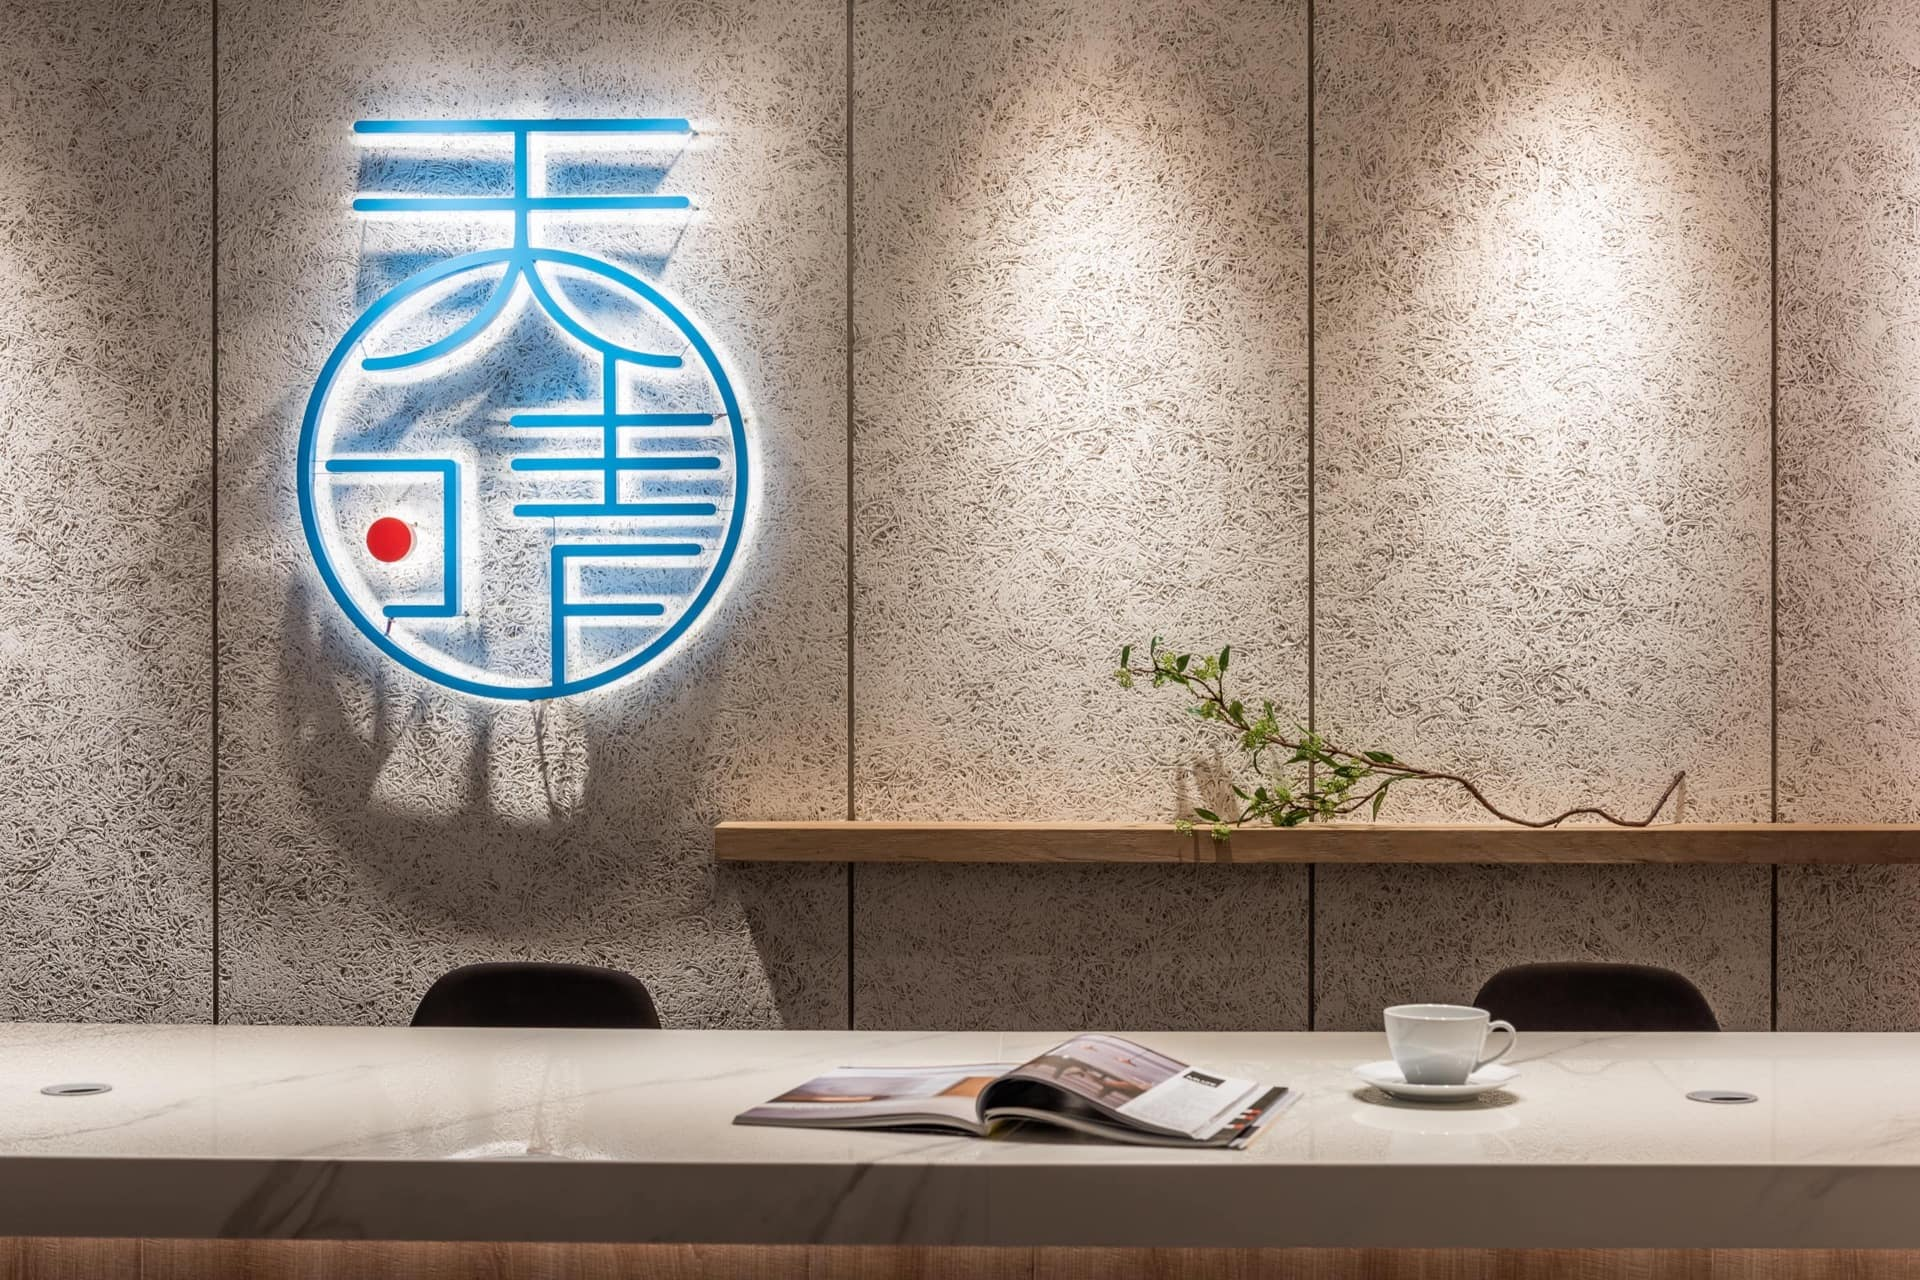 招牌牆面選用兼具粗礦肌理與環保特色的 OSB 板材,透過軌道投射燈呈現質感